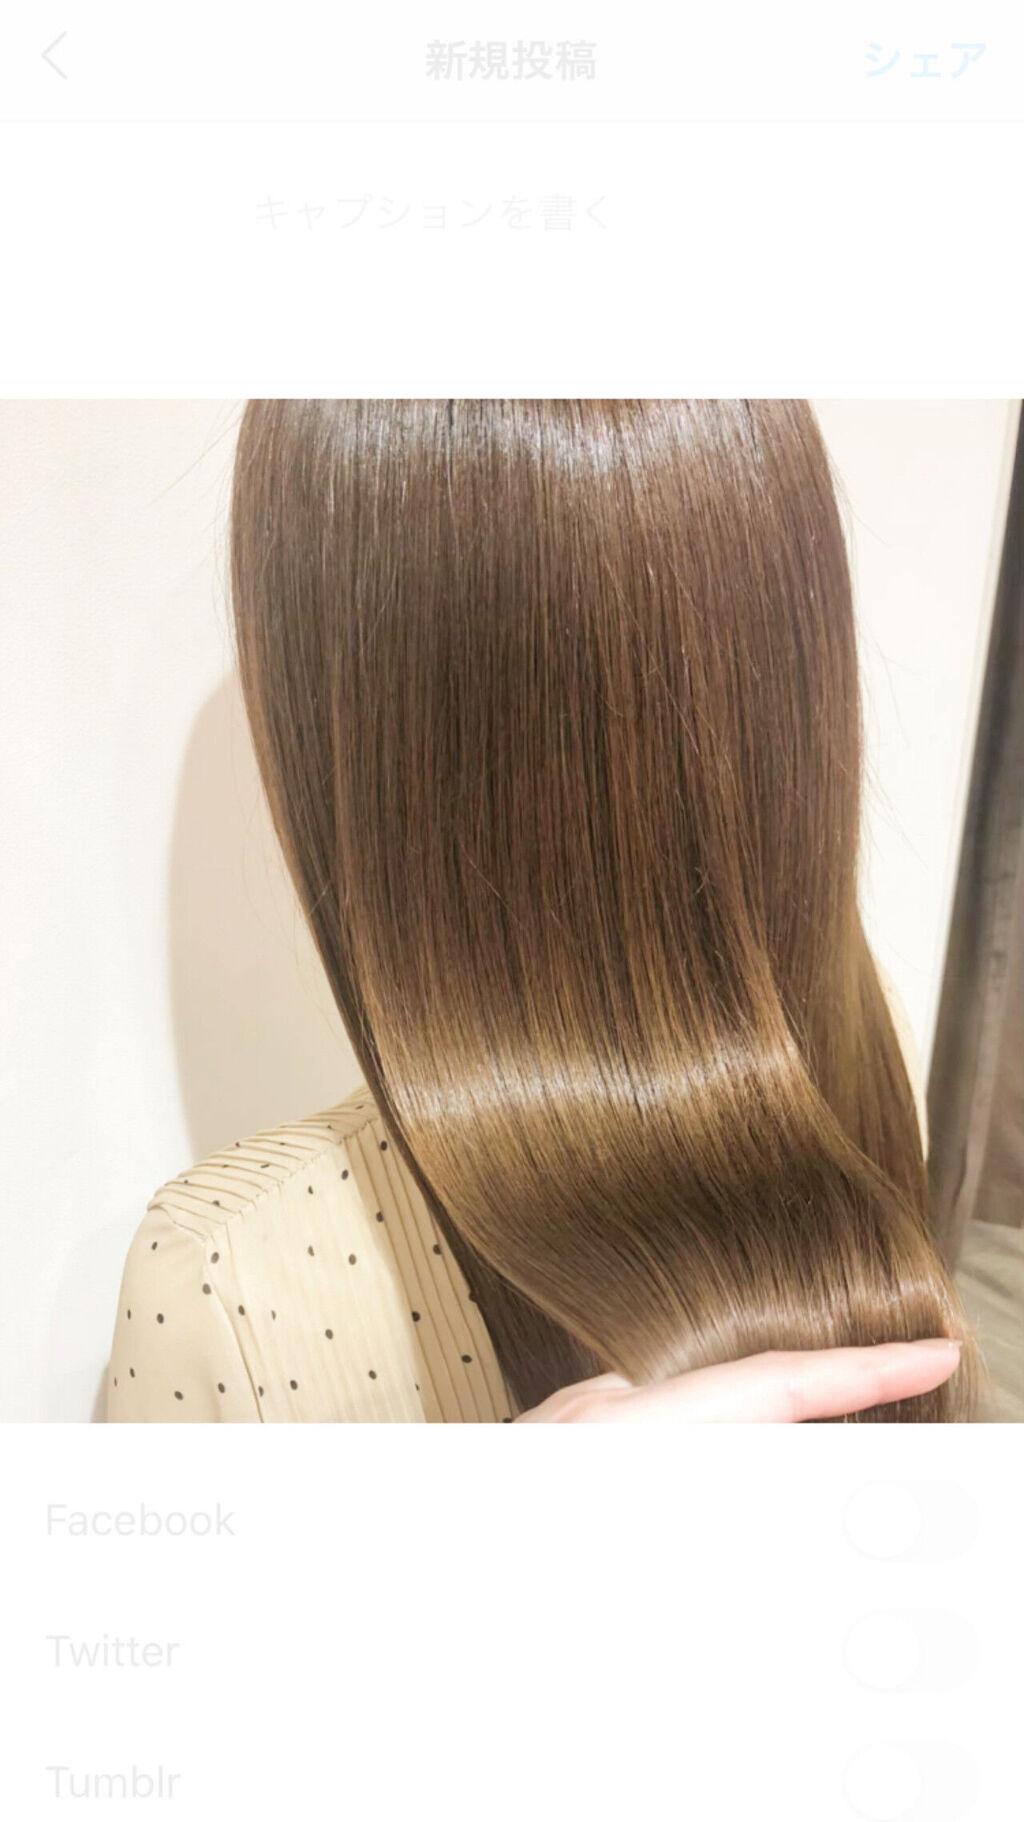 髪が広がる…乾燥毛の原因やおすすめケアをご紹介【シャンプー・トリートメントも】のサムネイル